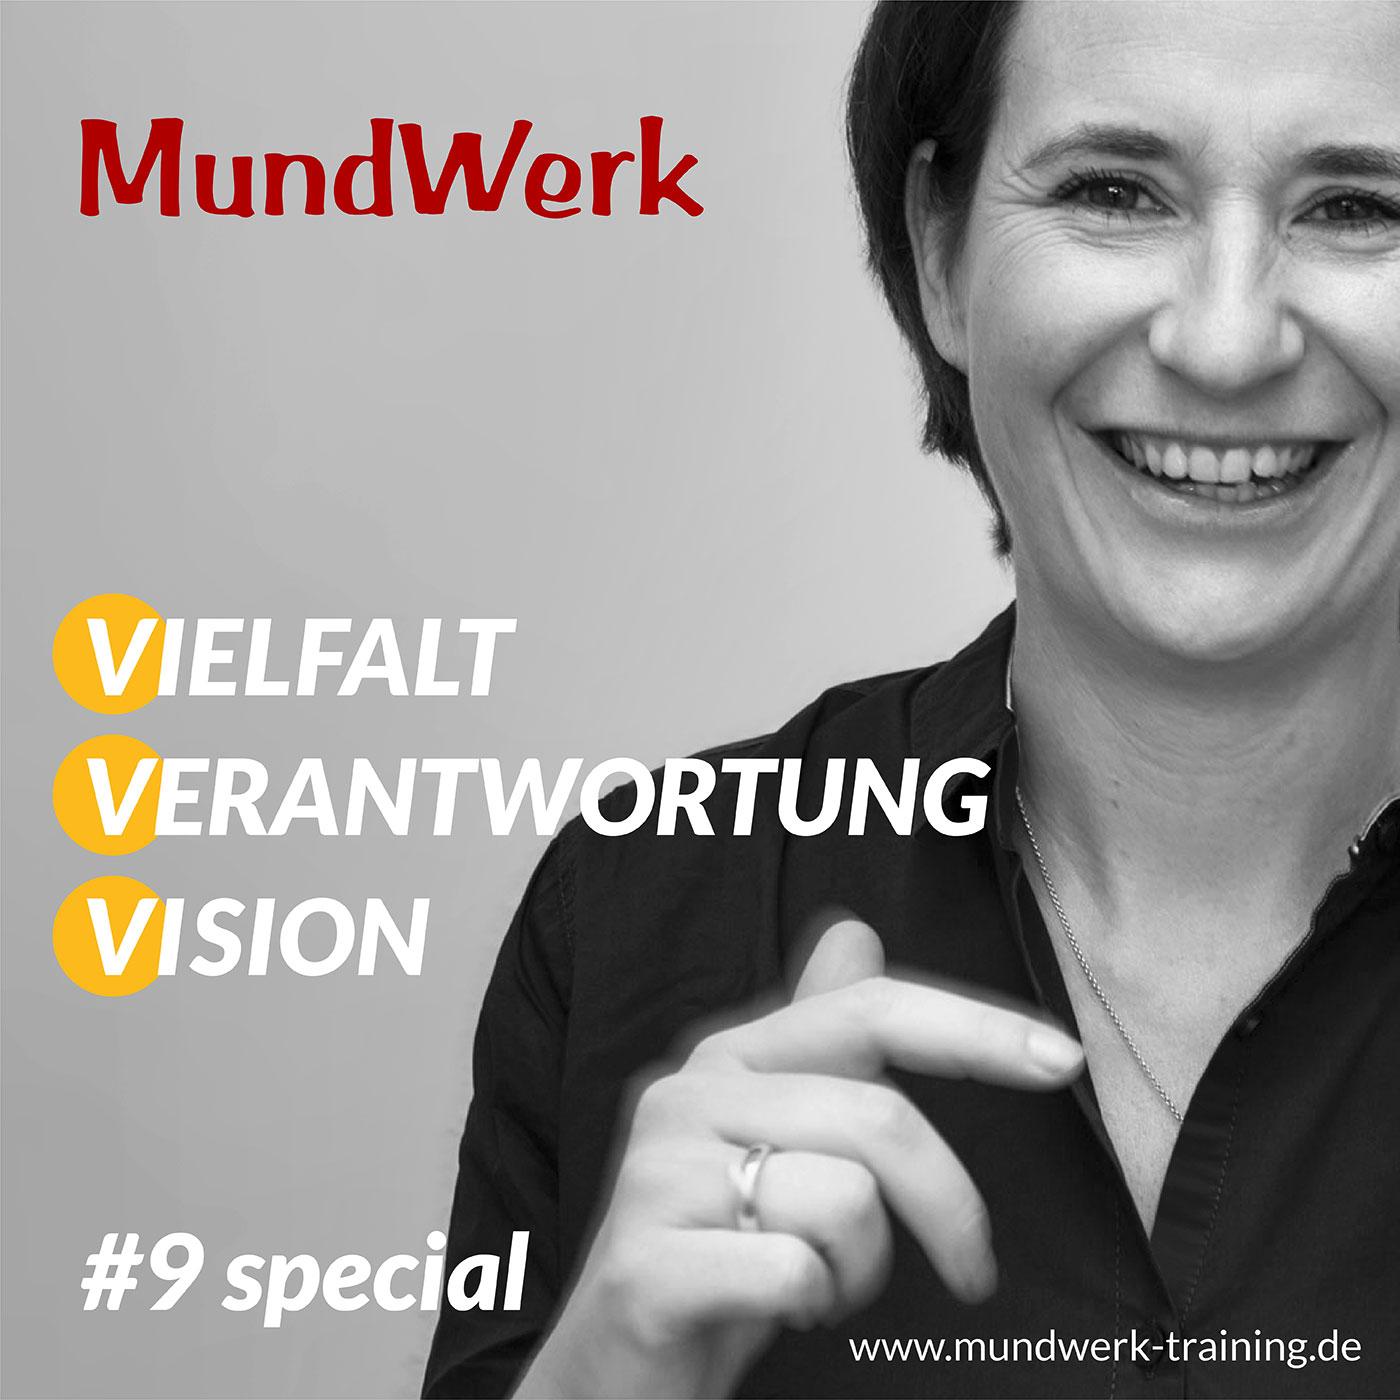 FAQ Vielfalt und Inklusion - Podcast Vielfalt Vereinbarkeit Verantwortung Vision - Der Podcast mit der anderen Perspektive